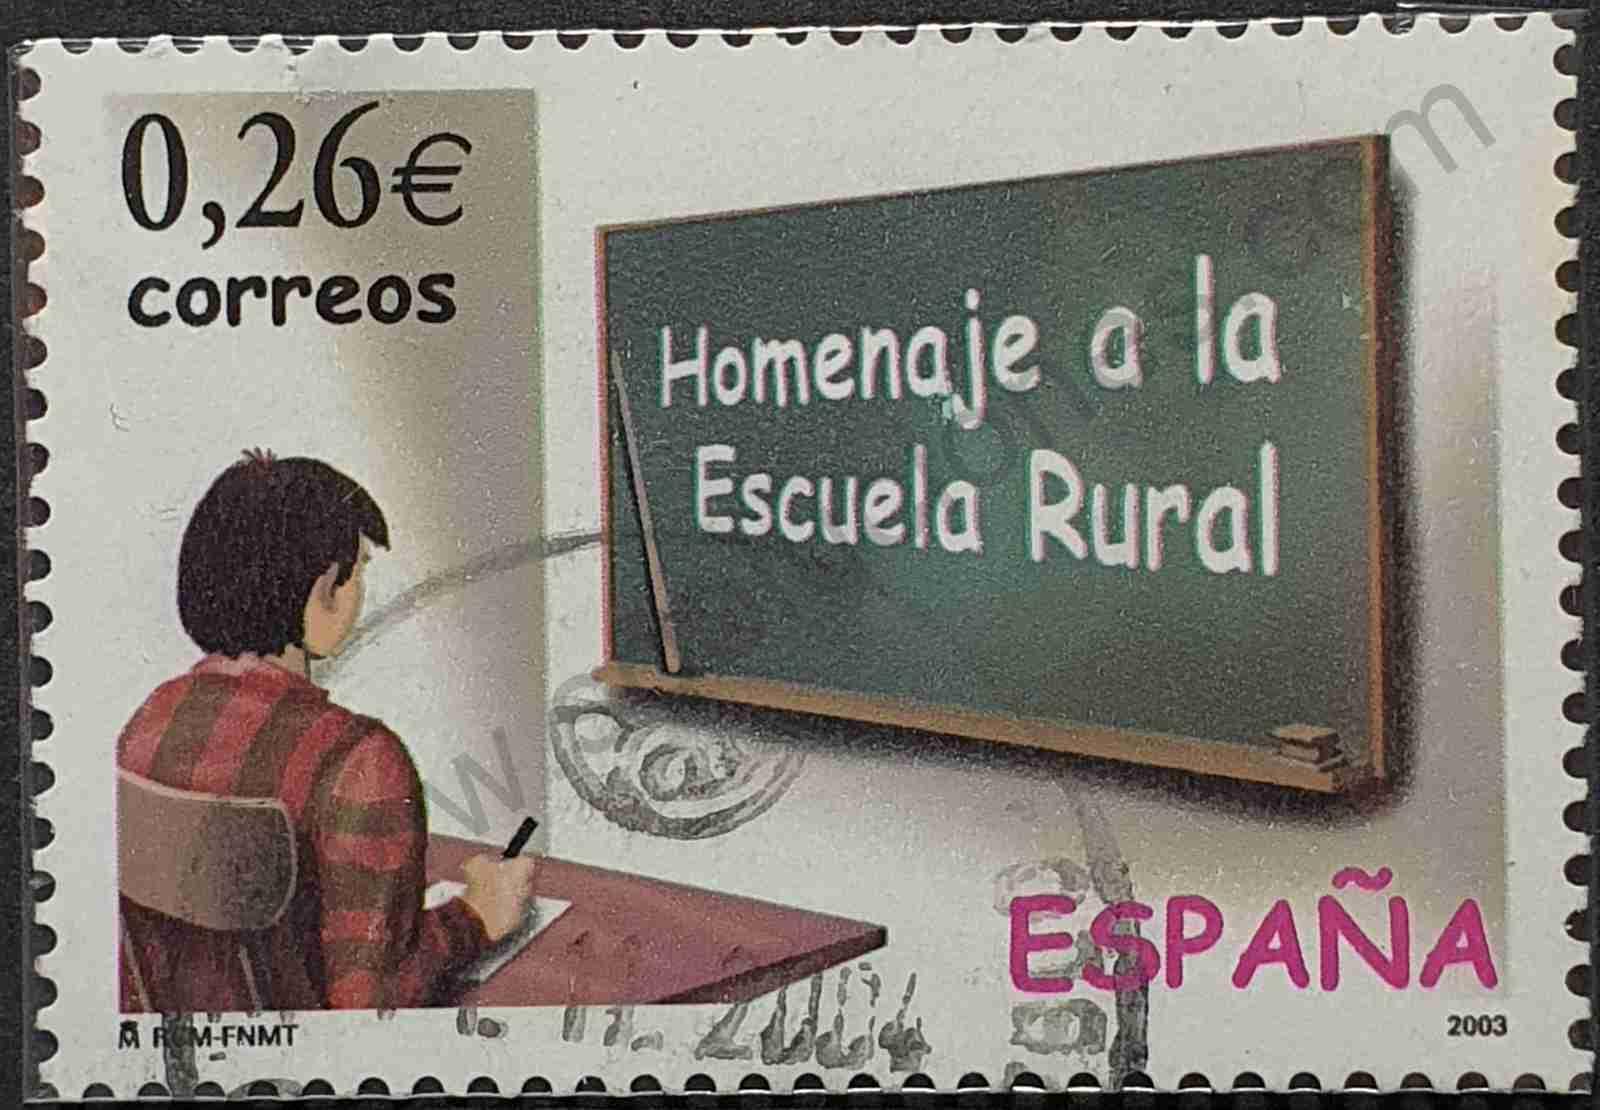 Sello Homenaje a la escuela rural - España 2003